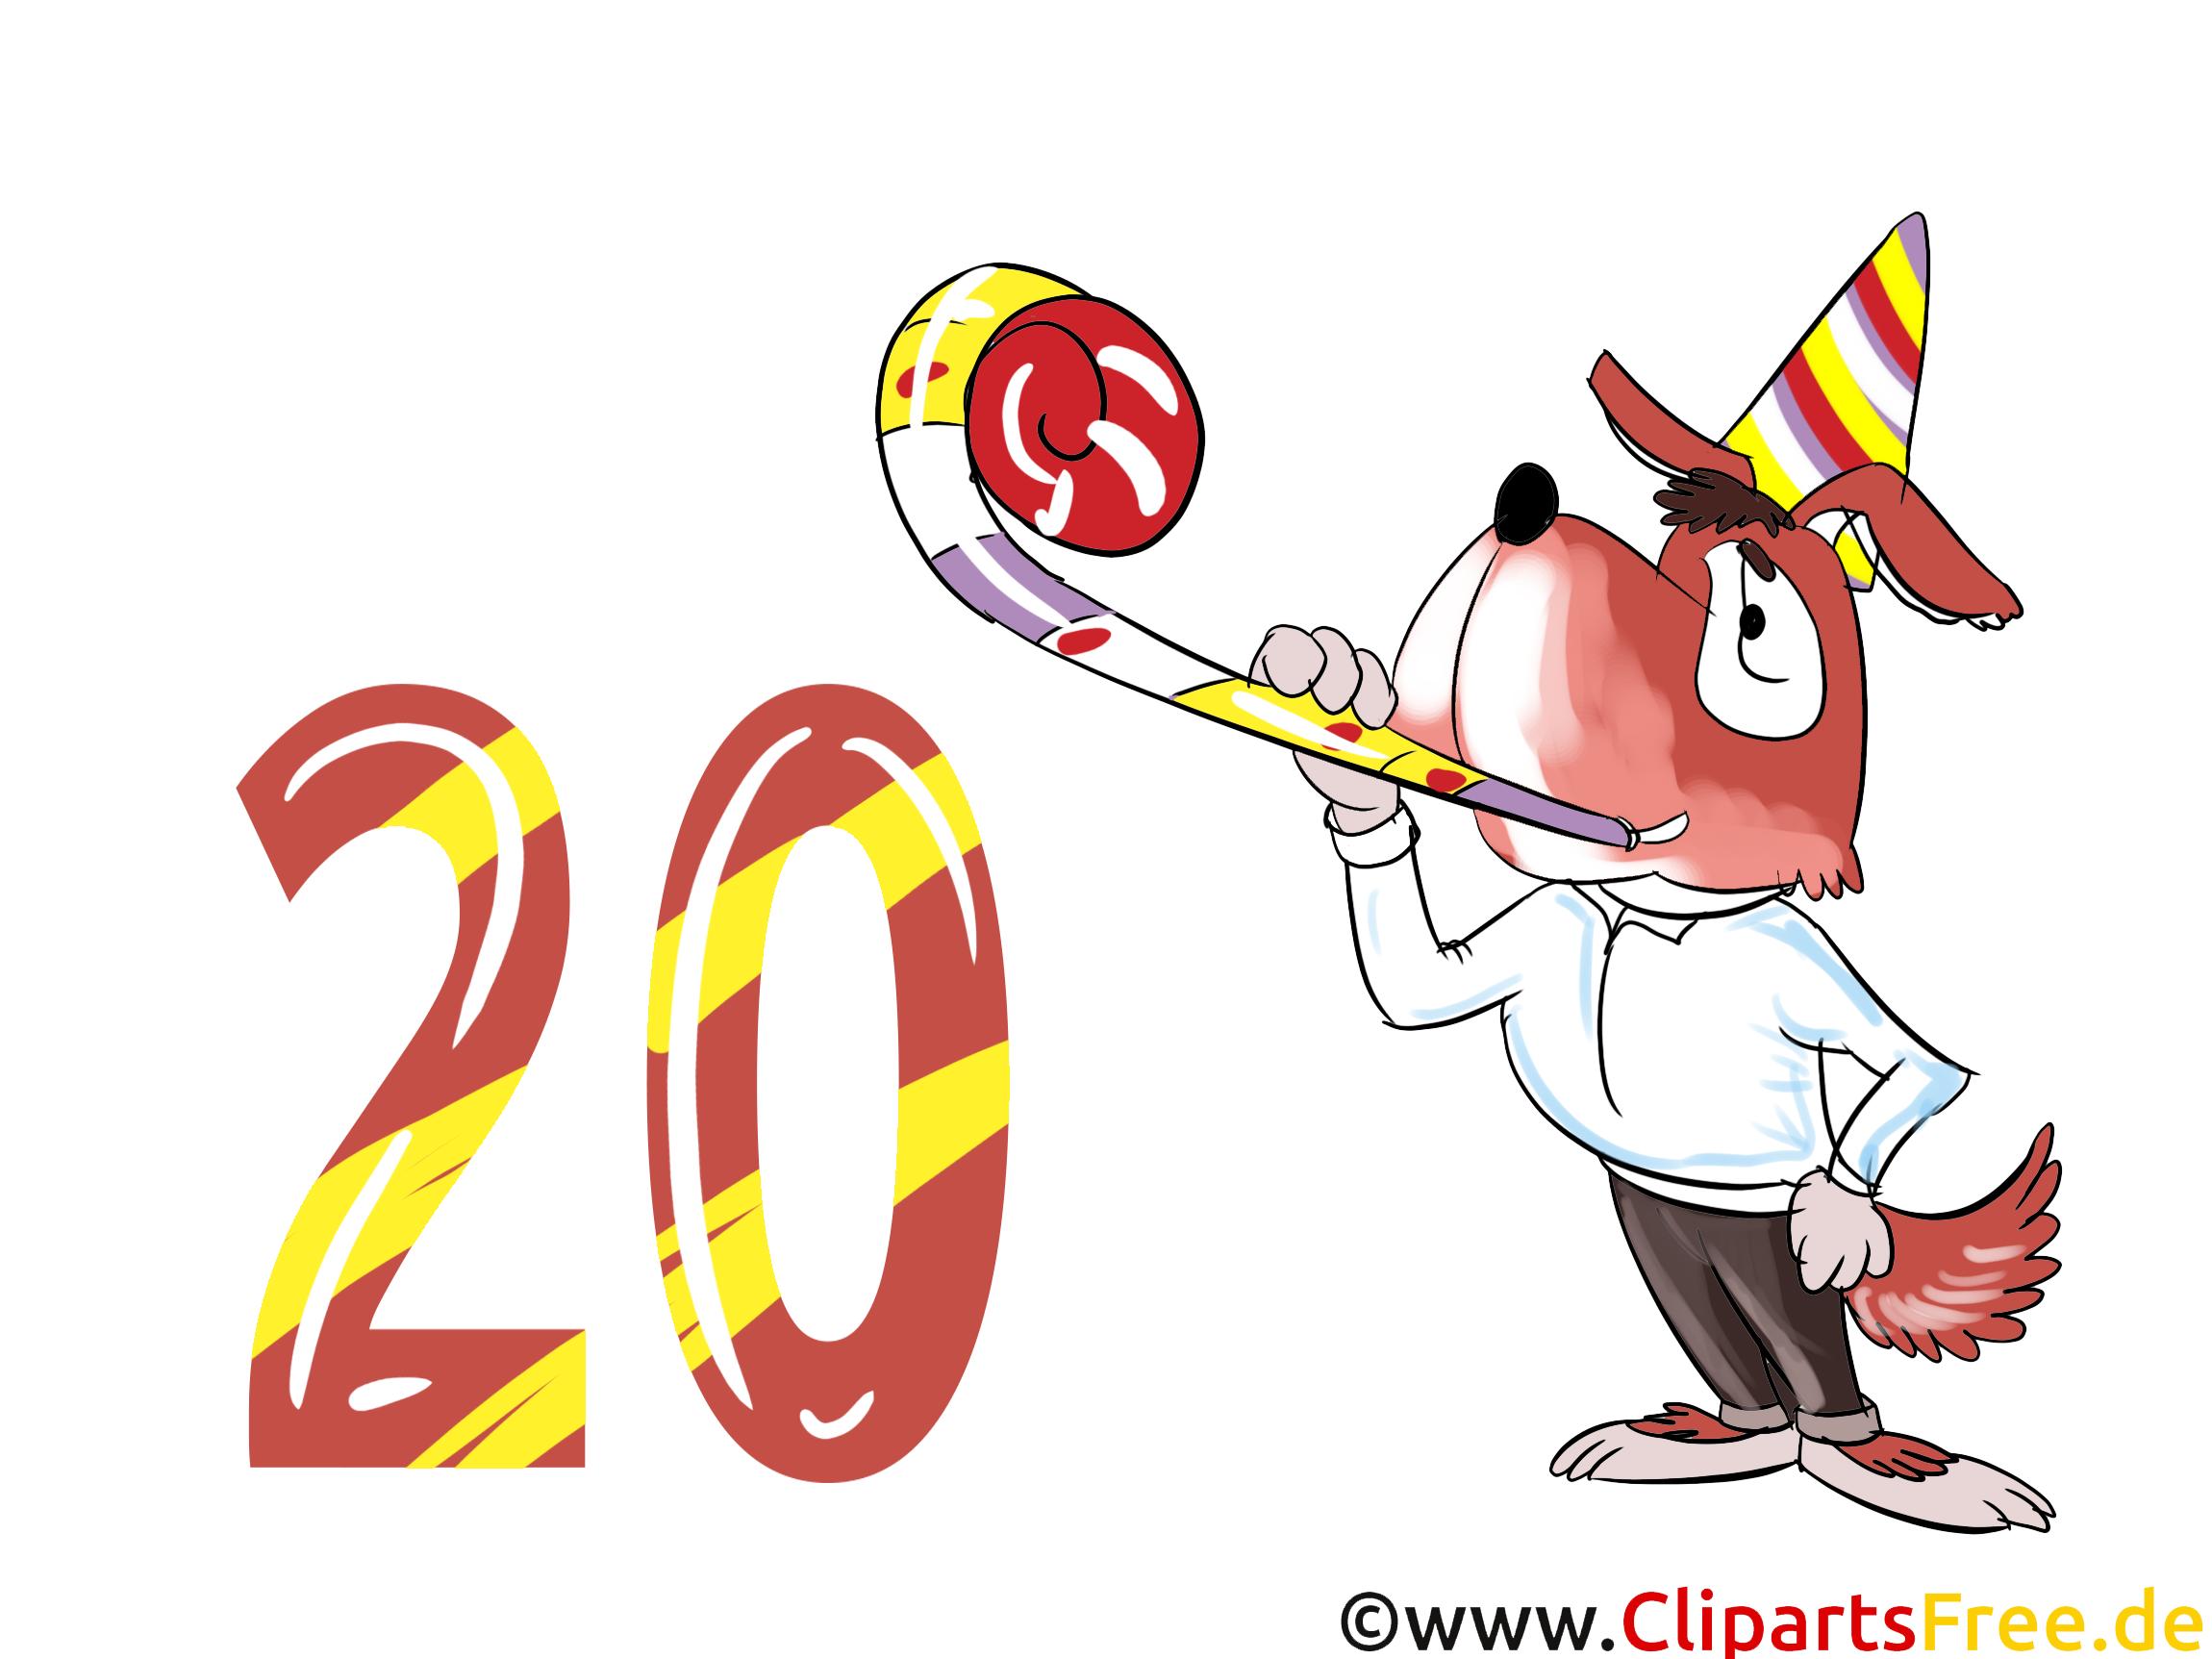 20 ans dessin anniversaire cliparts t l charger anniversaire dessin picture image - Dessin anniversaire 20 ans ...